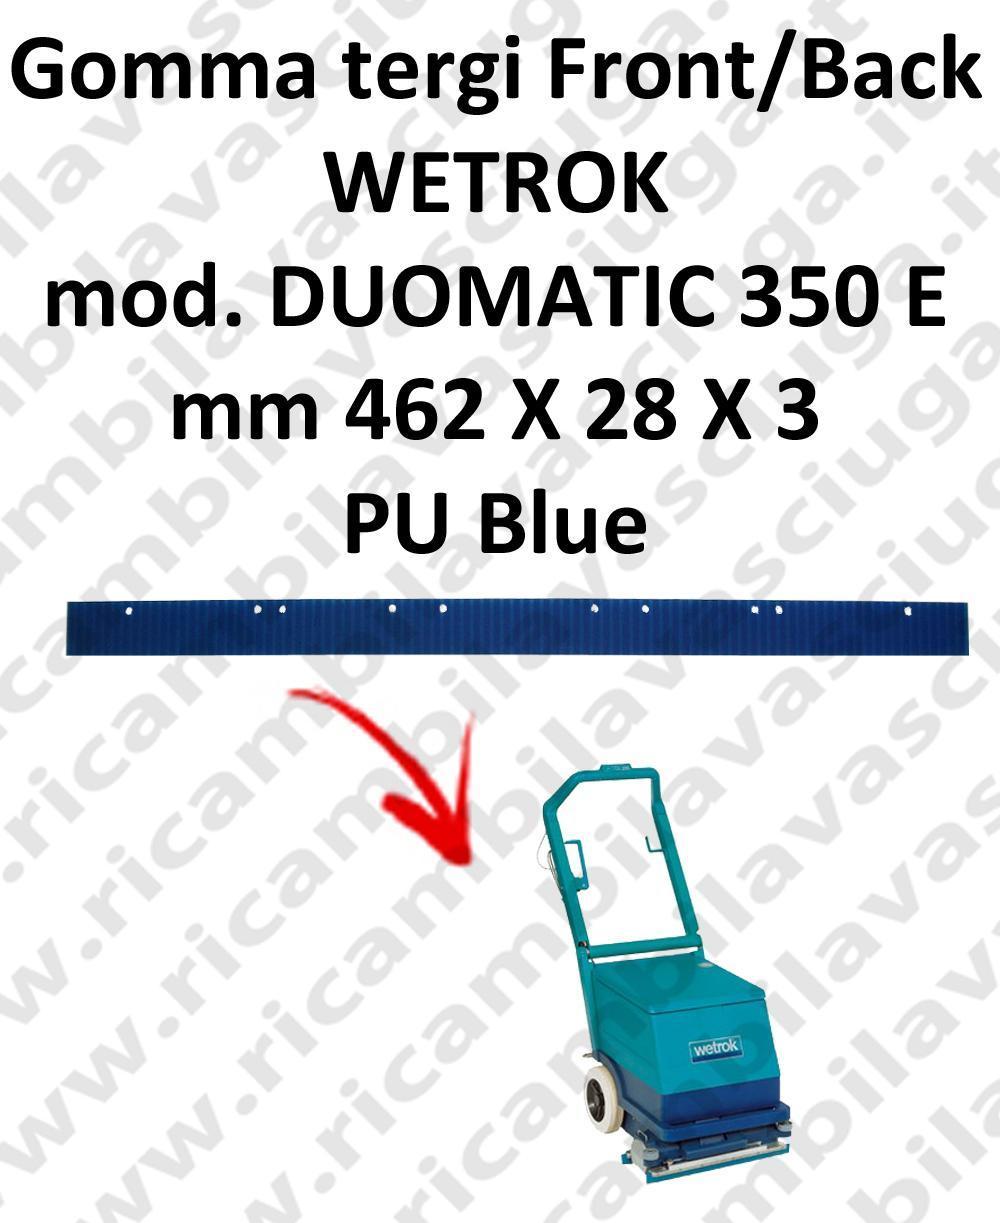 DUOMATIC 350 ünd Hinten/Vorne sauglippen für scheuersaugmaschinen WETROK